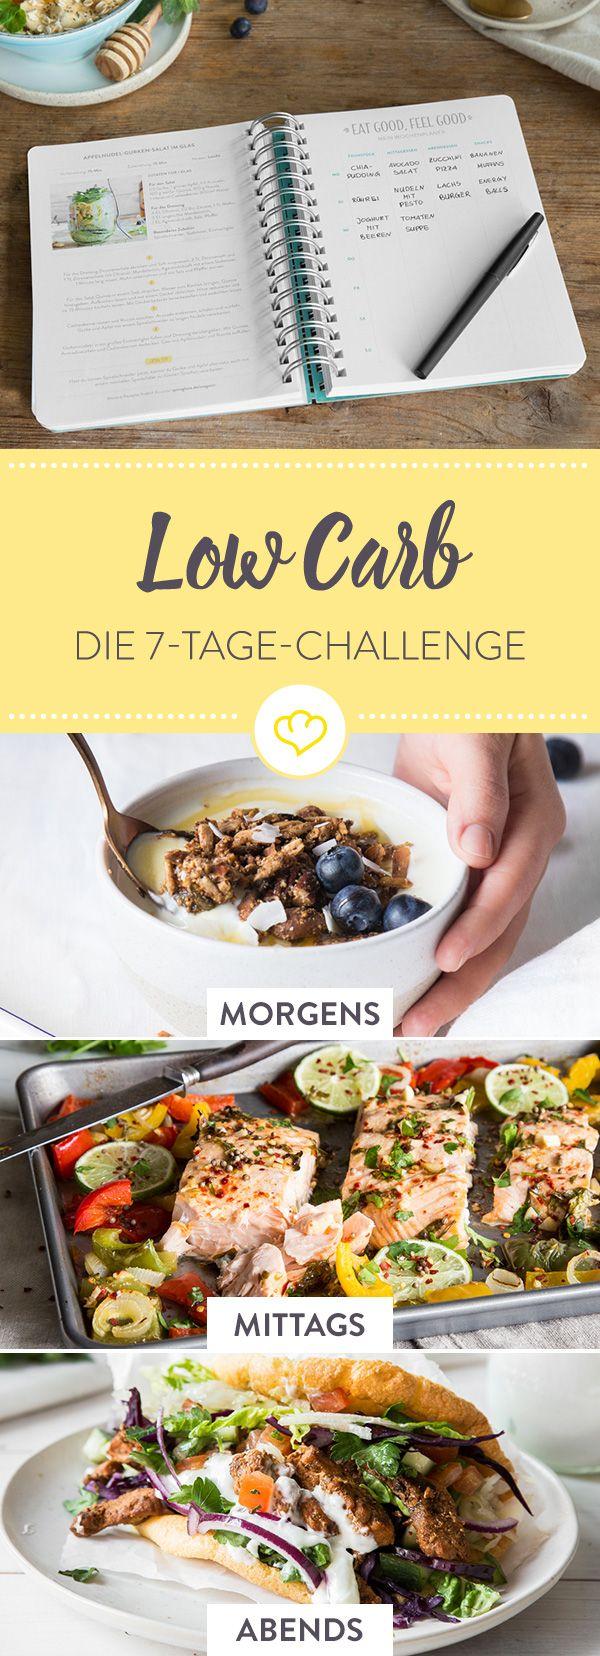 7 Tage Low-Carb-Challenge: Kohlenhydrate einfach reduzieren #diet